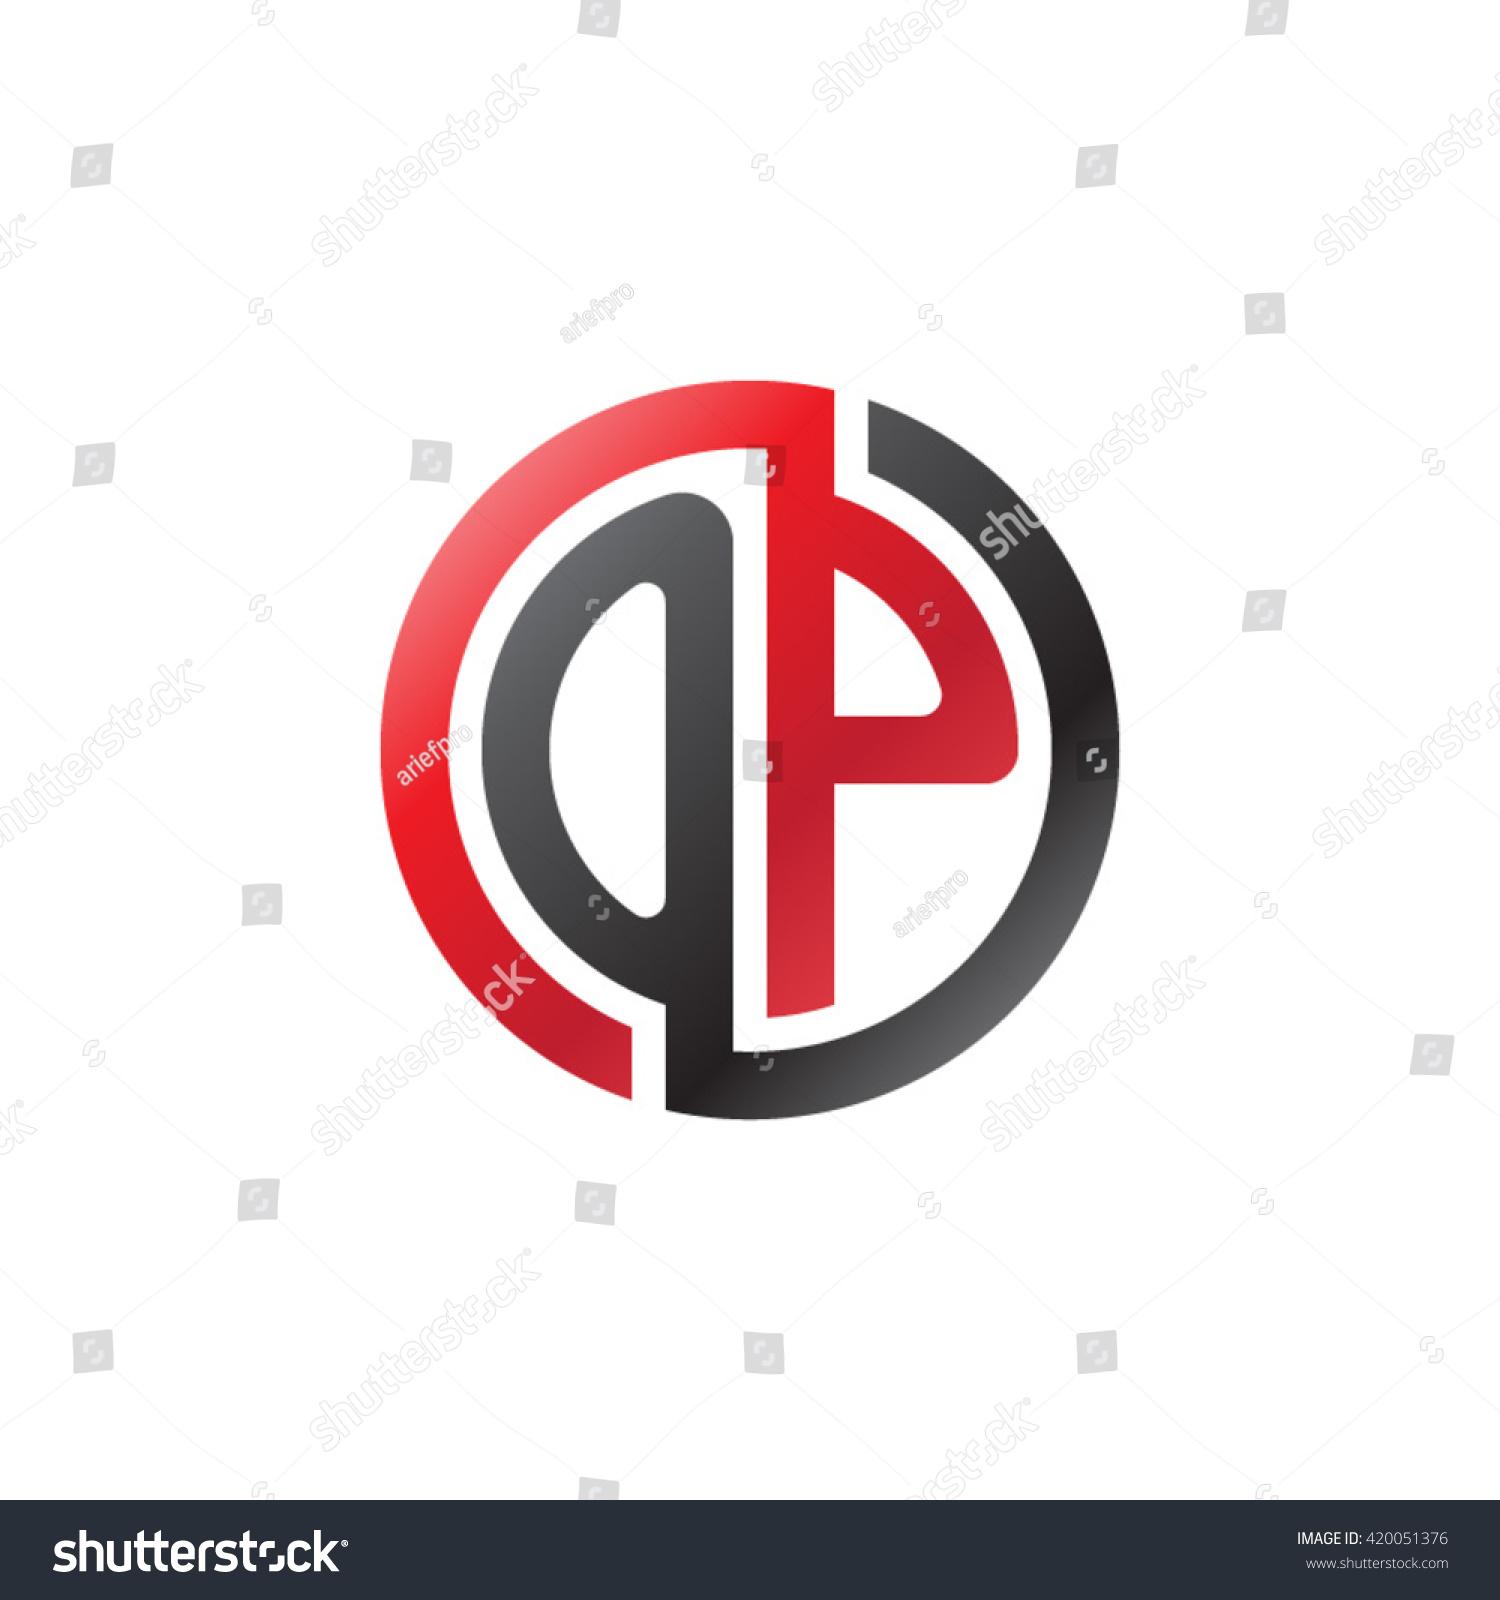 Op kahr logo